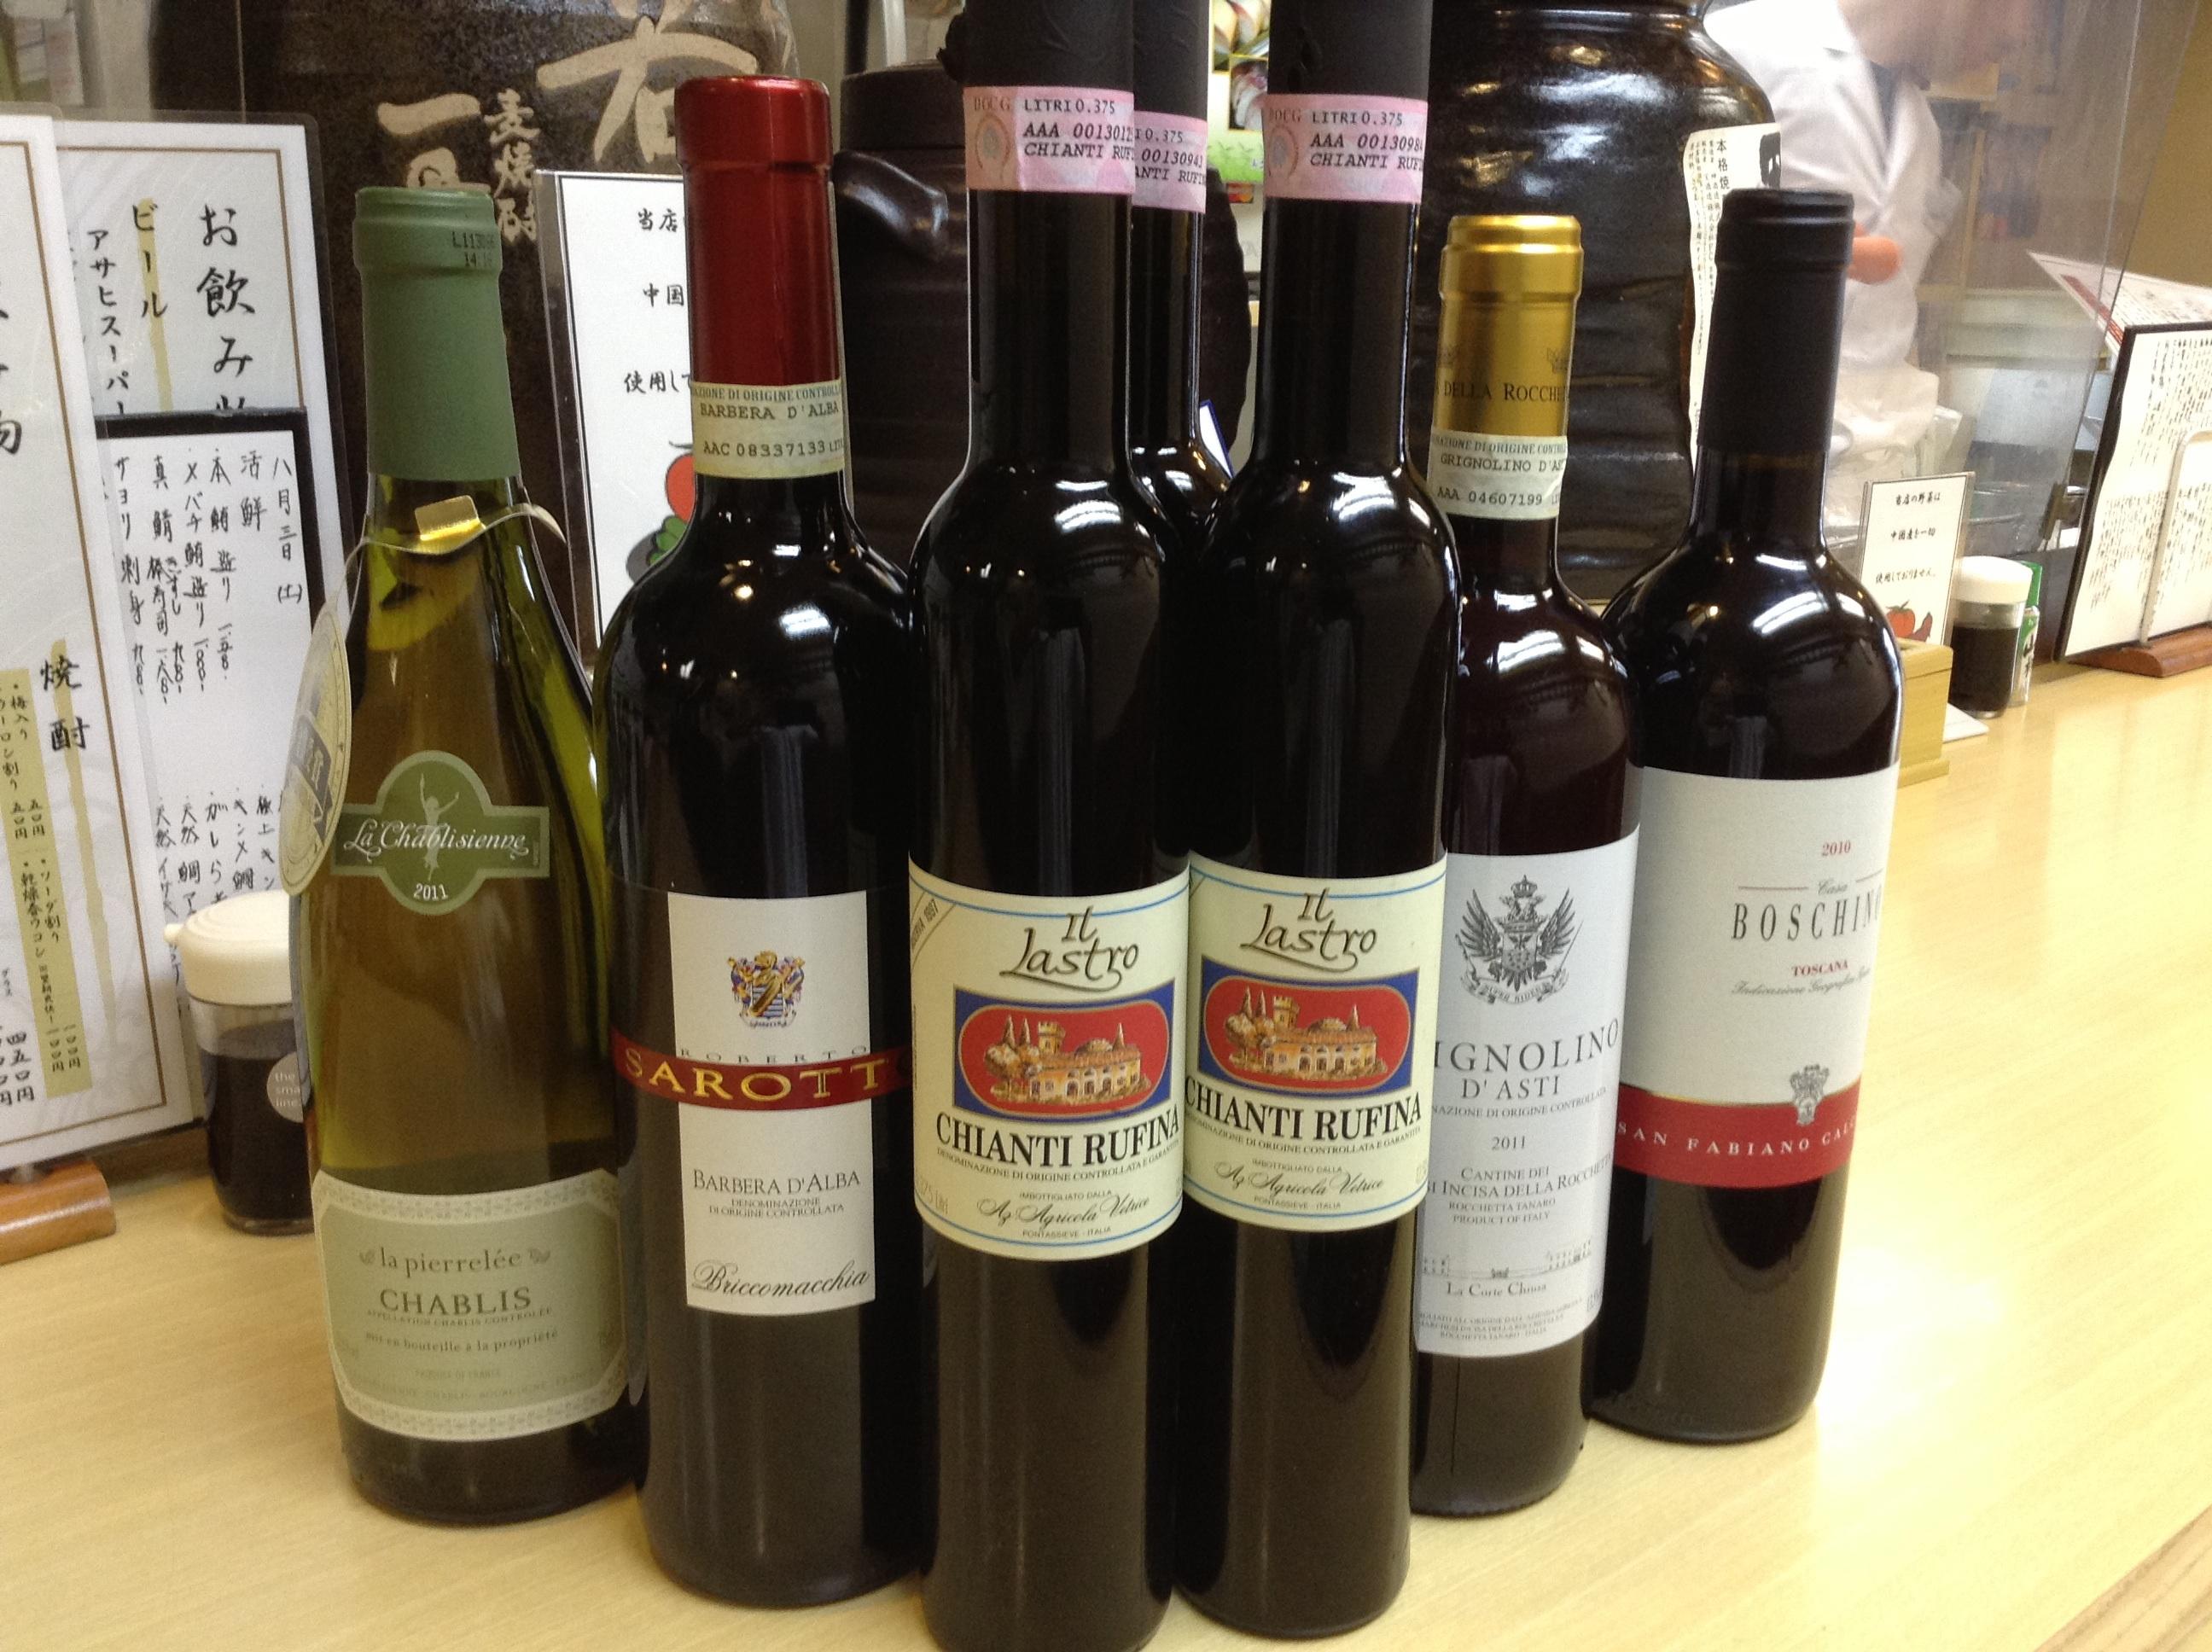 ビンテージ イタリアワイン入荷